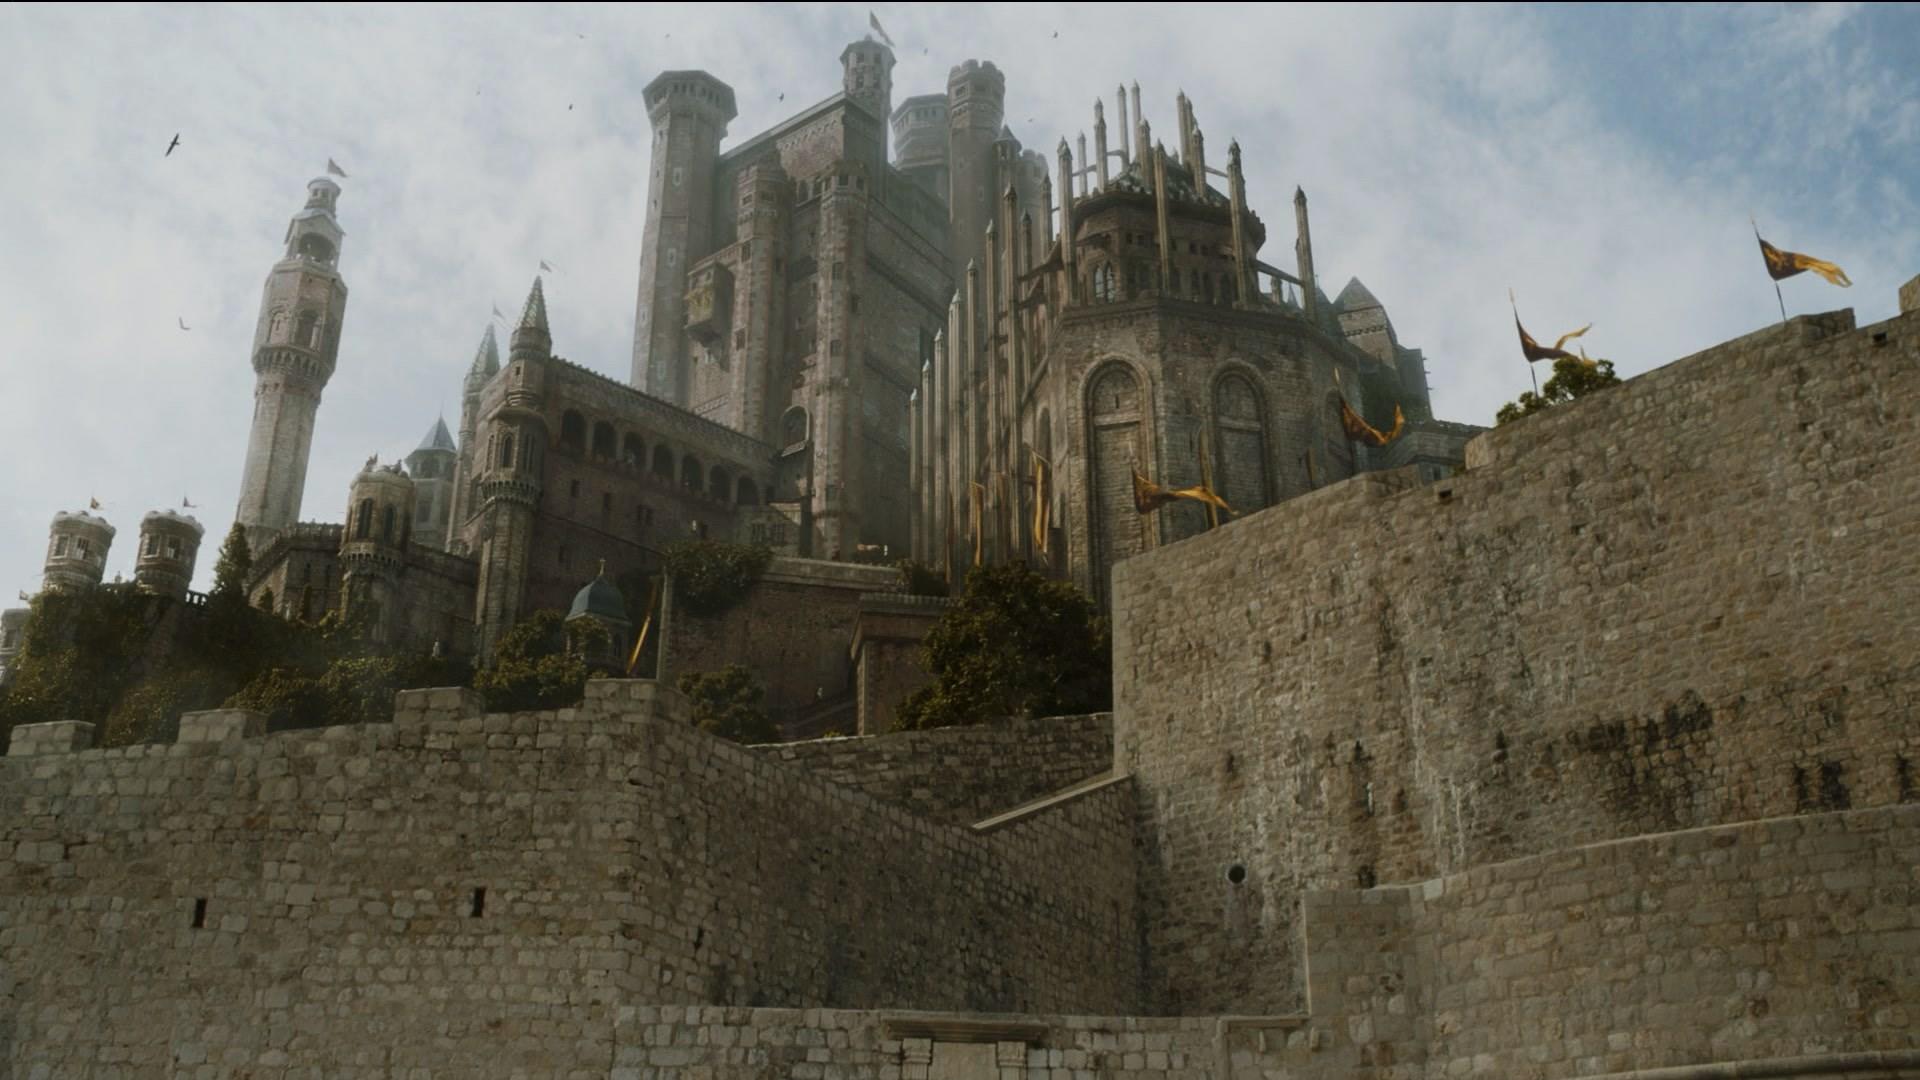 игра престолов 3 сезон смотреть онлайн бесплатно в хорошем качестве hd: